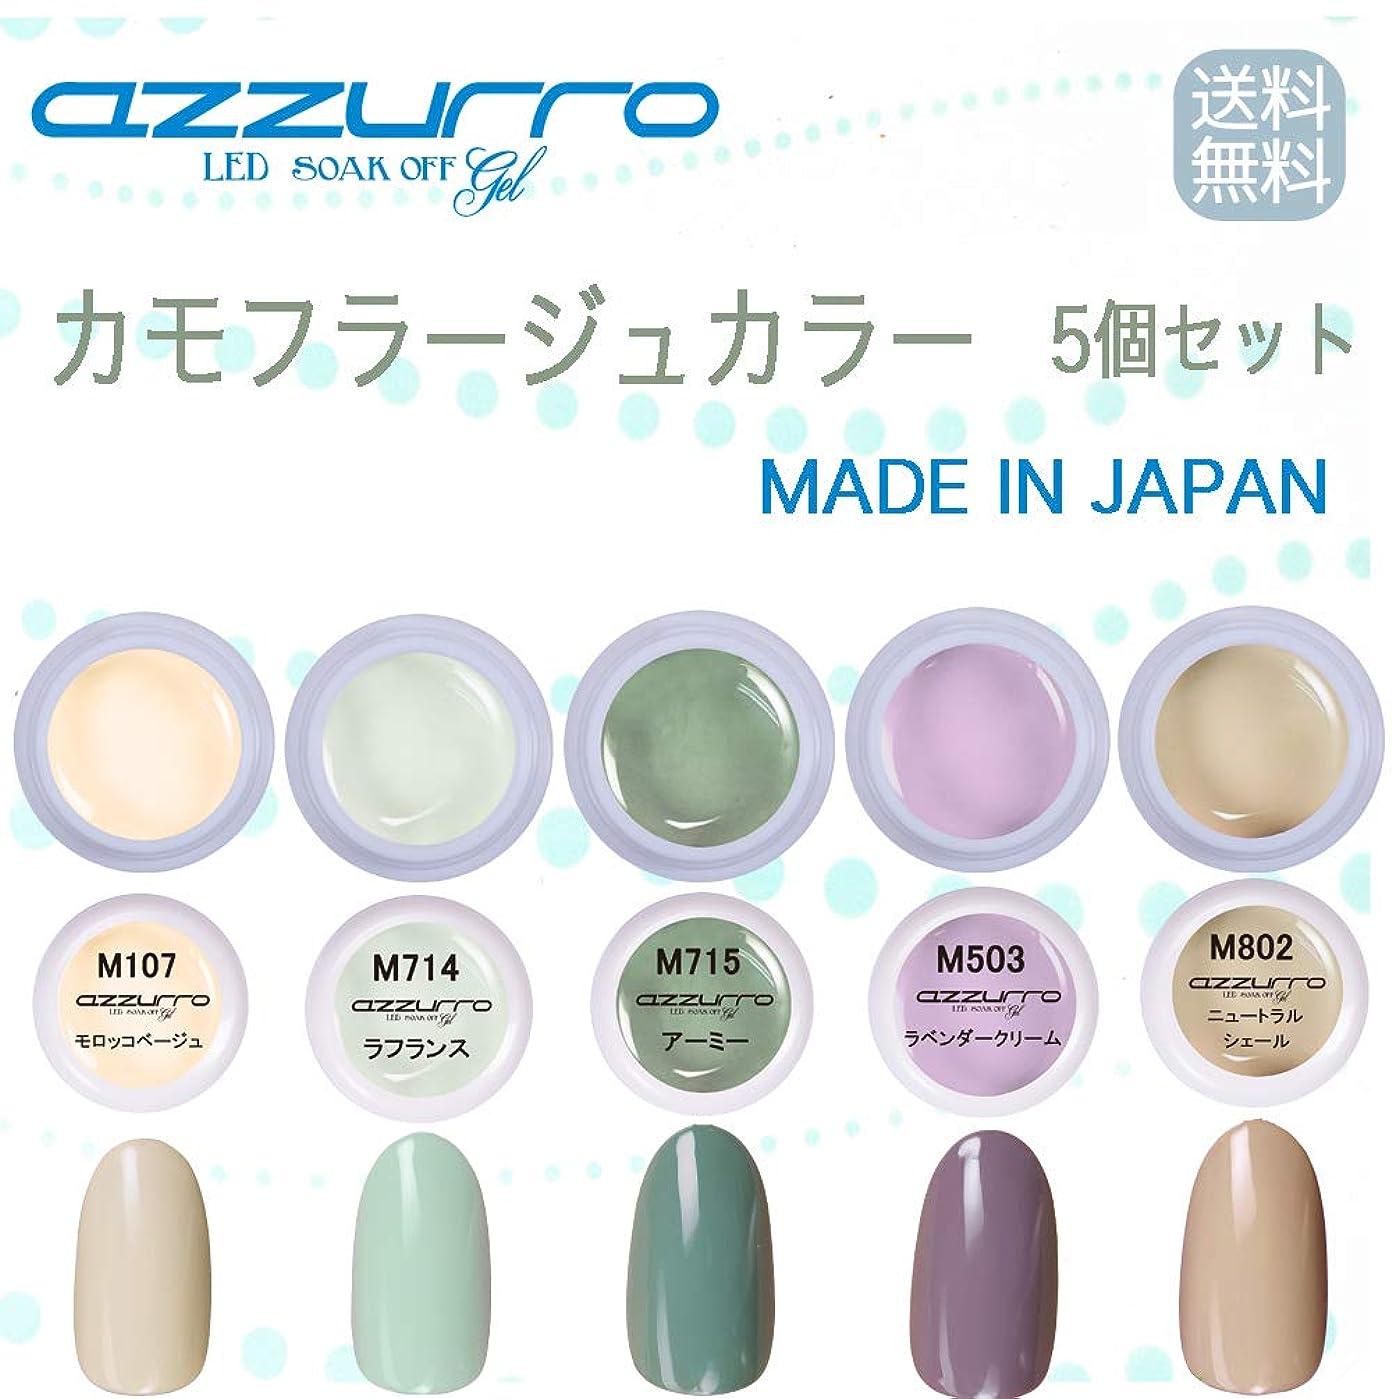 欺抱擁上へ【送料無料】日本製 azzurro gel カモフラージュカラージェル5個セット 春にピッタリでクールなトレンドカラーのカモフラージュカラー